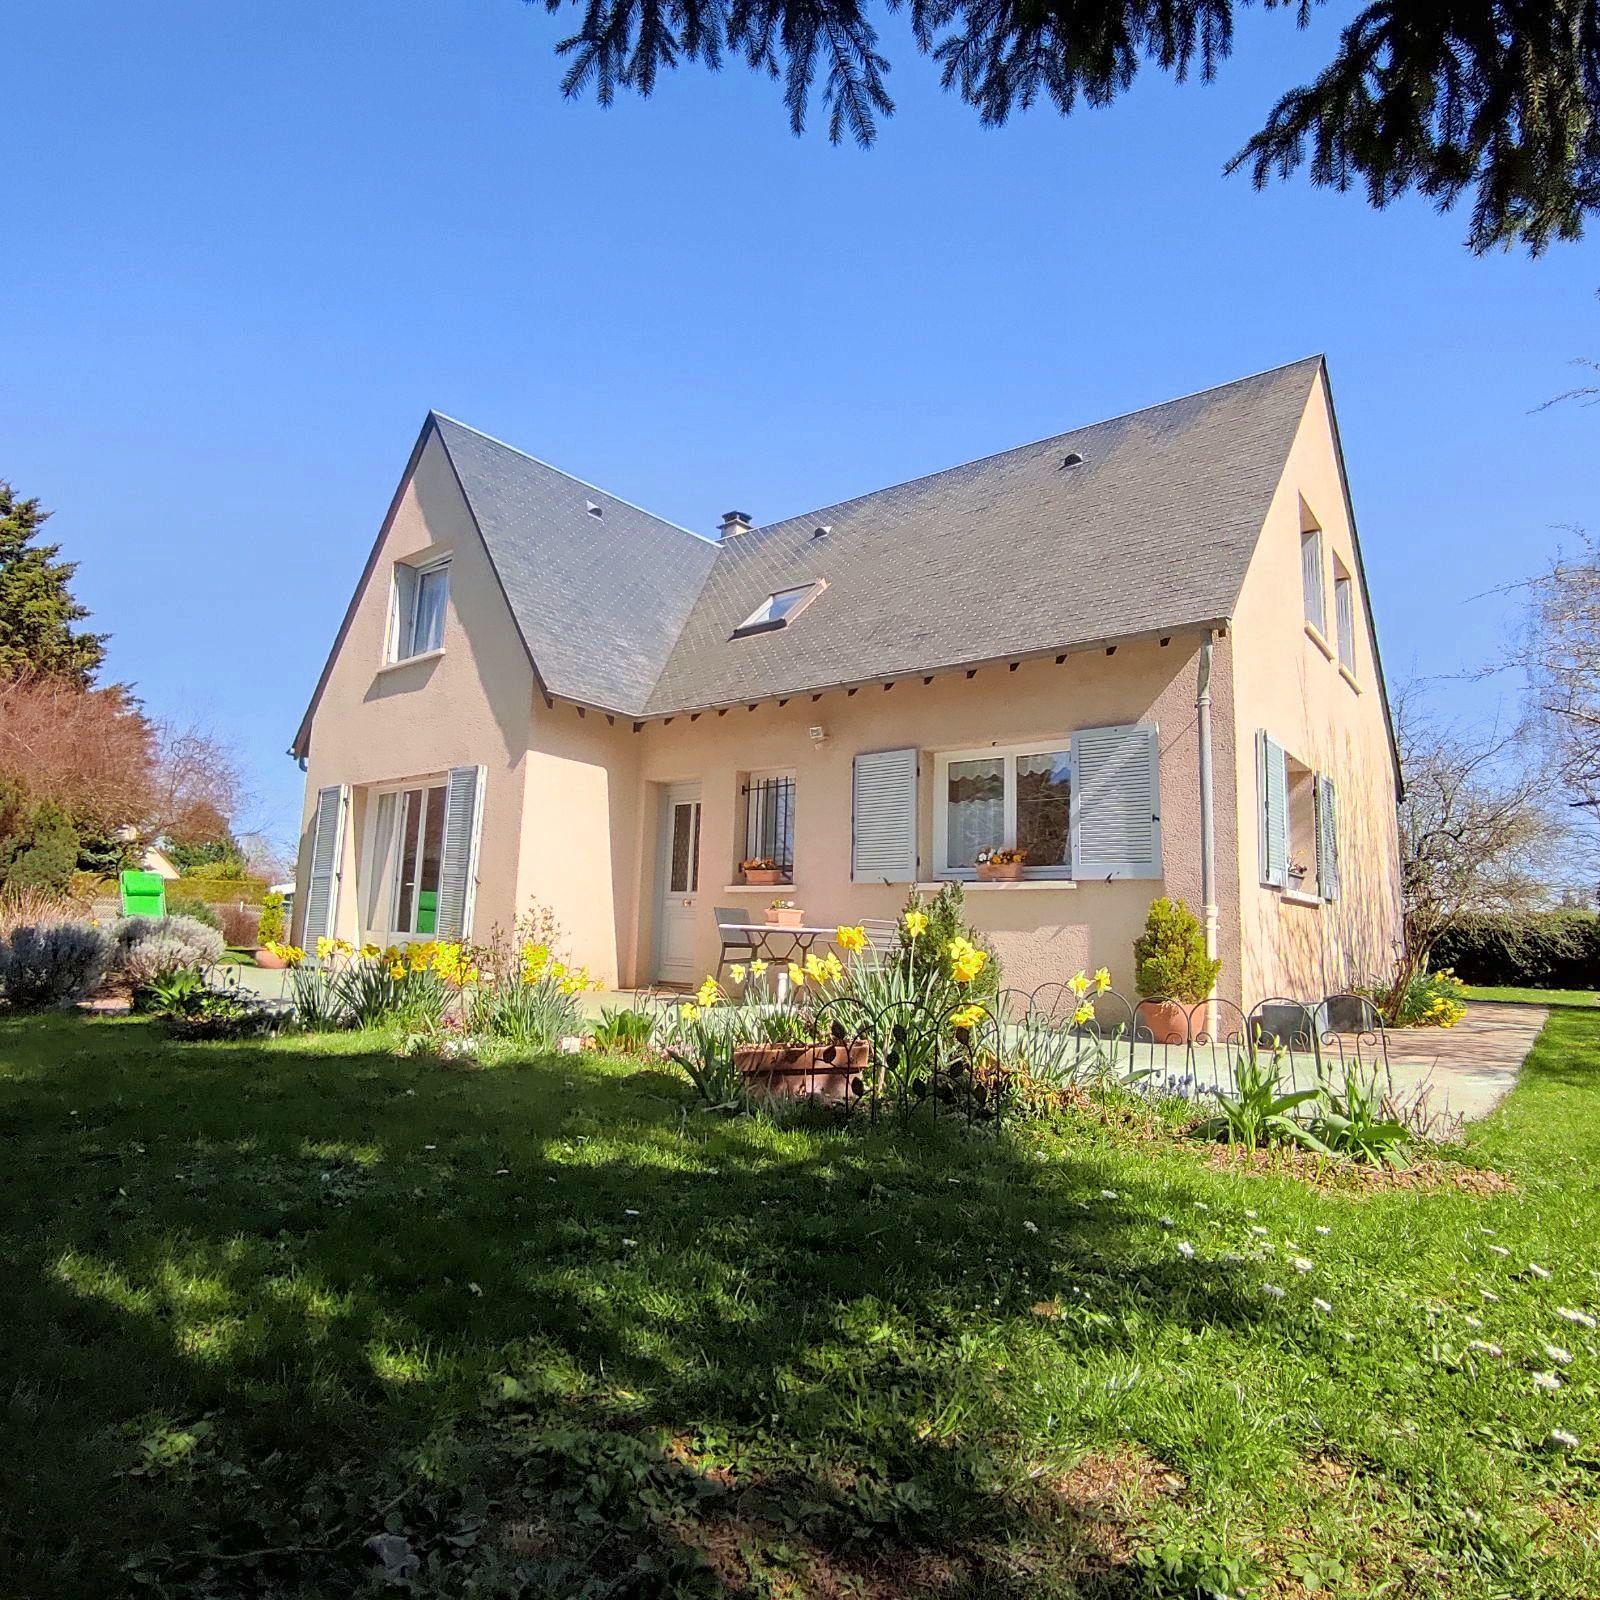 Vends maison indépendante 4chambres avec dépendance - 136m² - Rambouillet (78)